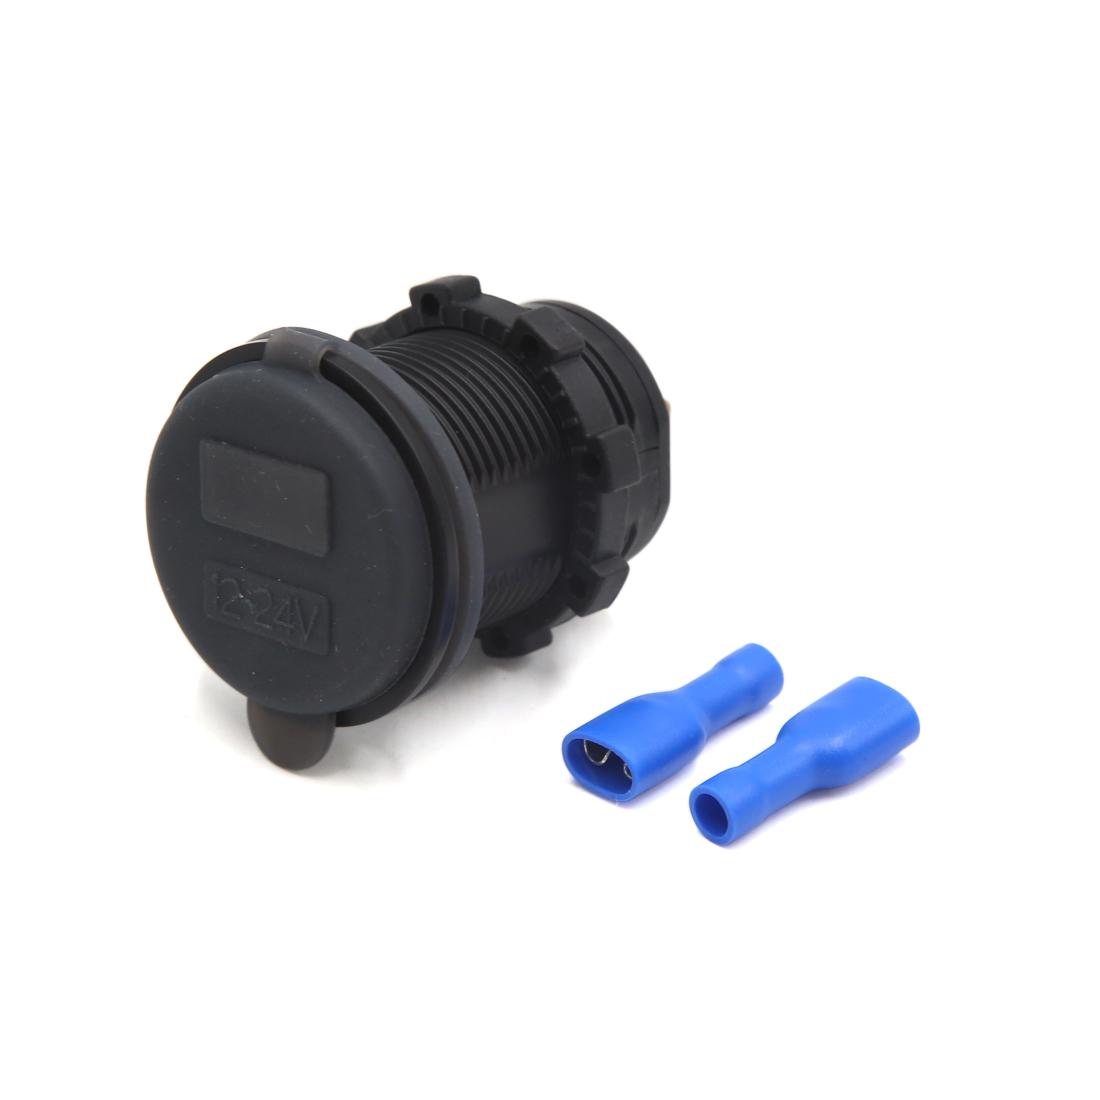 12/24V Multifunctional USB Charger Adapter + Blue LED Digital Voltmeter for Car